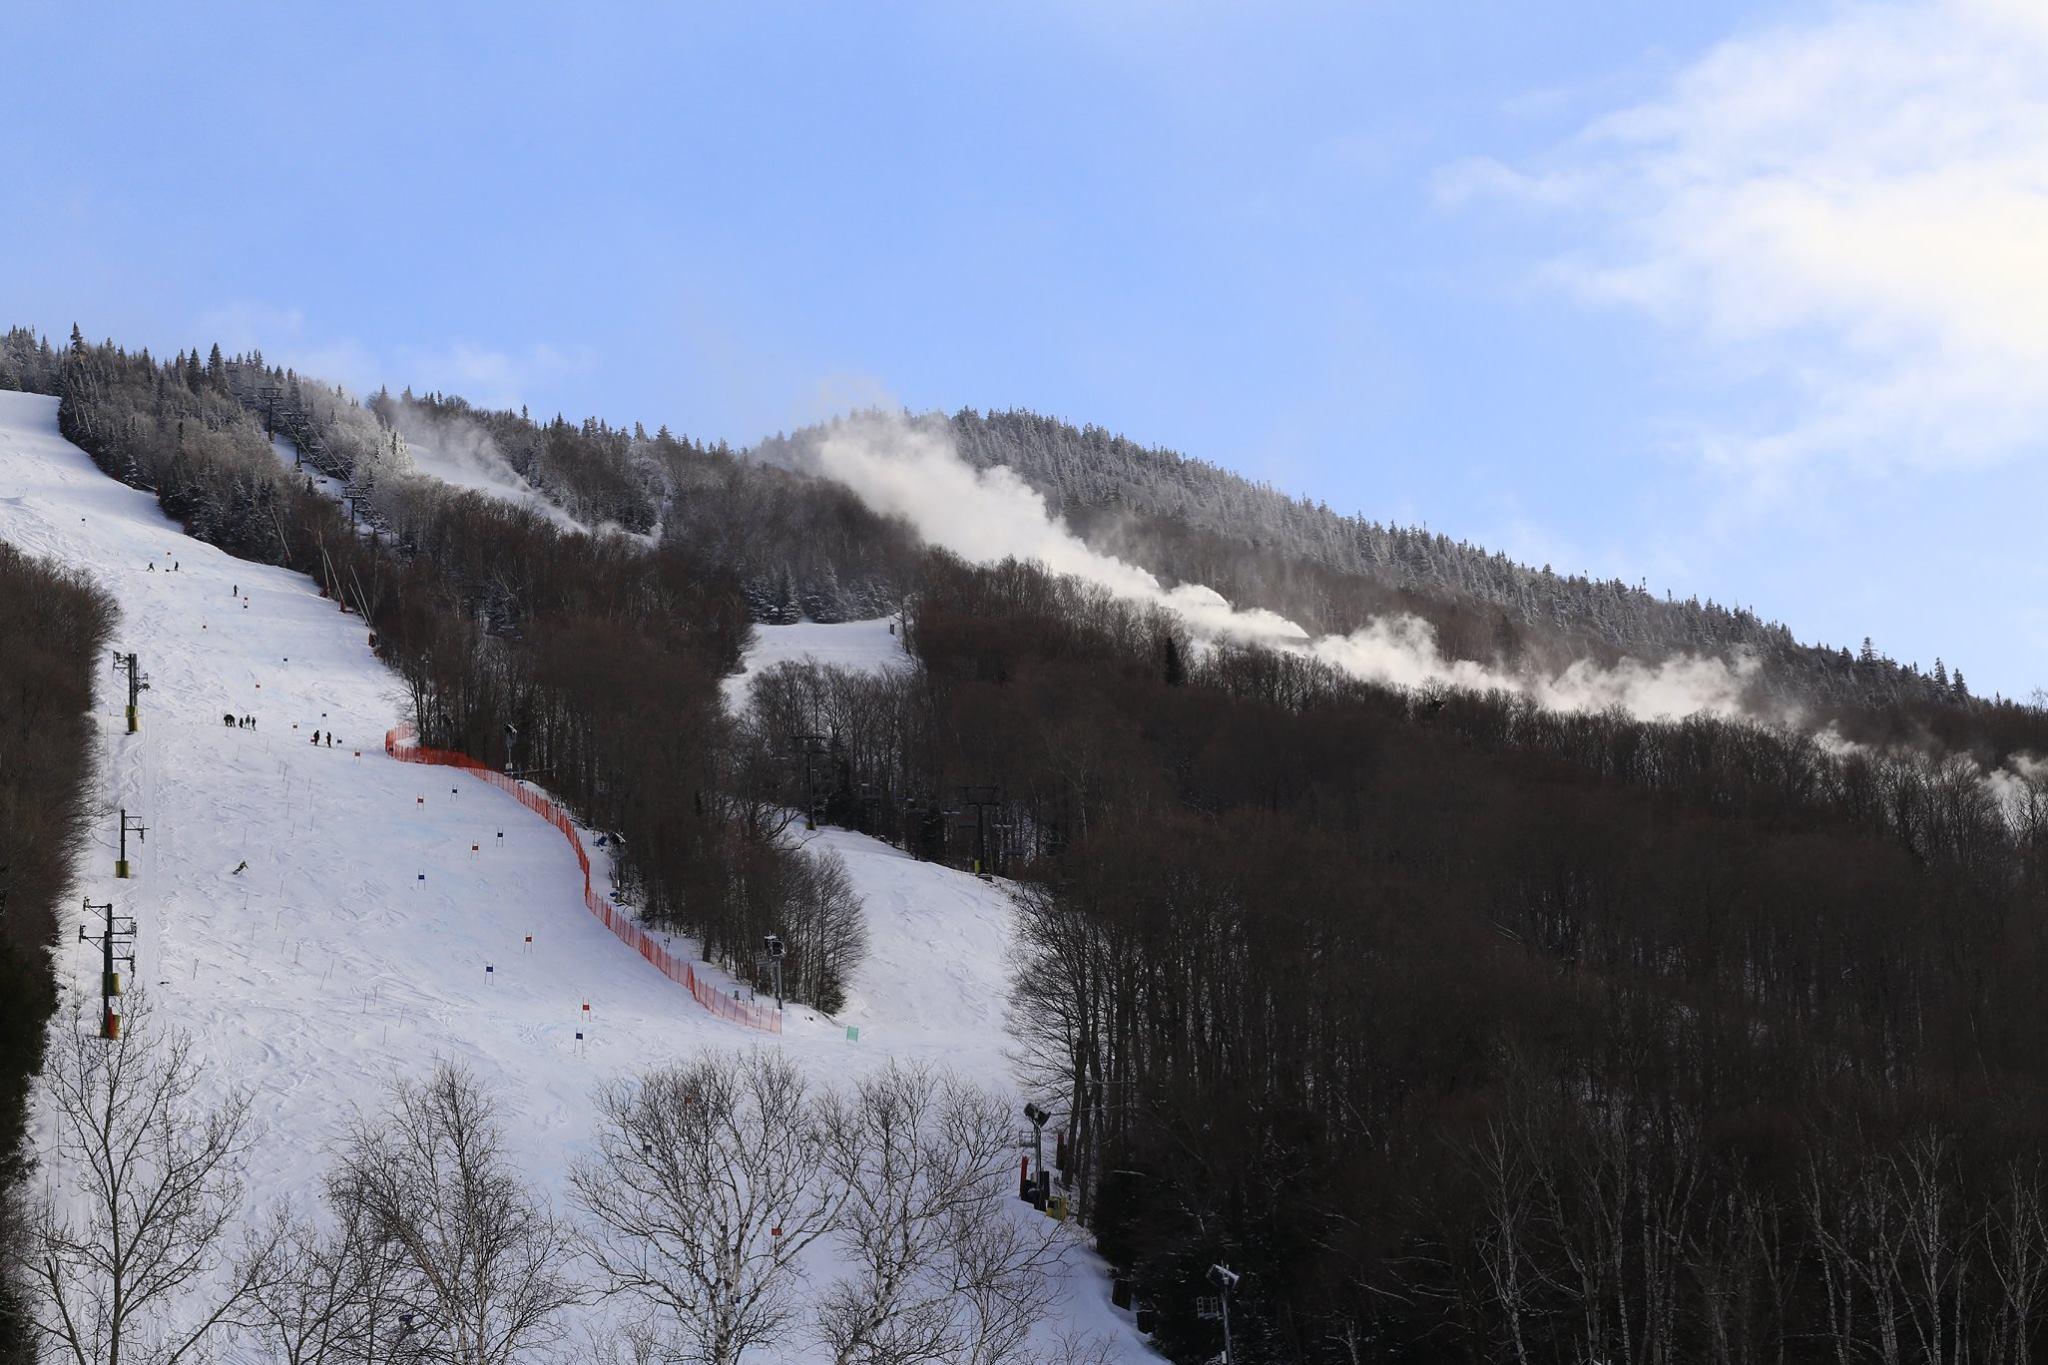 massachusetts skier killed at vermont's burke mountain – northeast